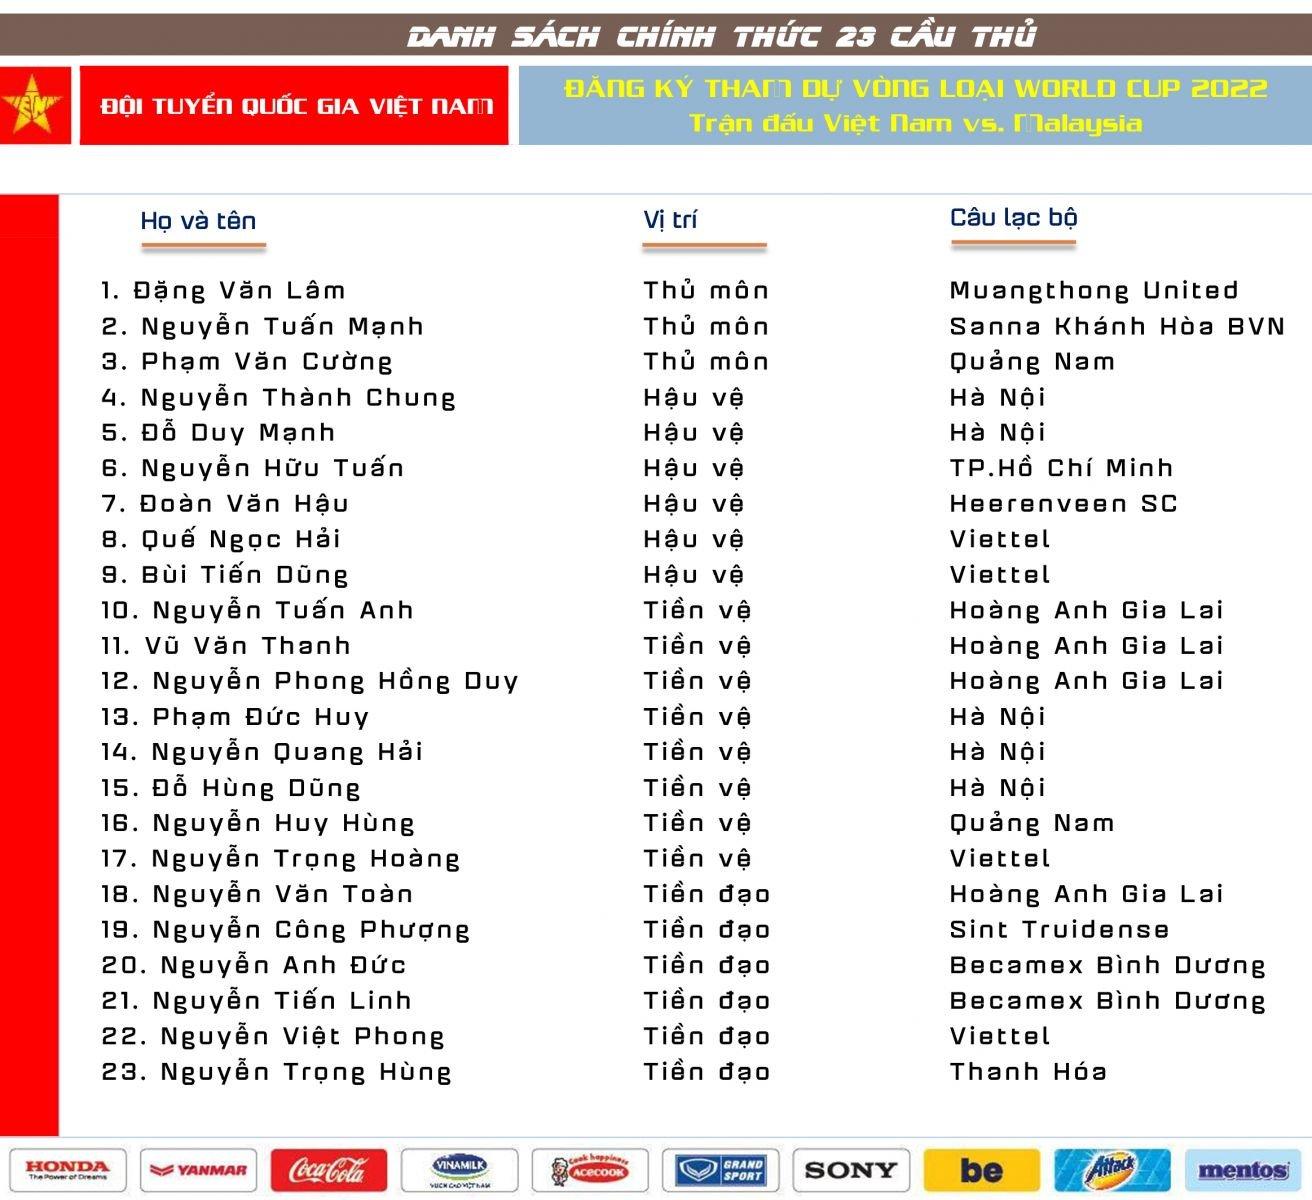 ĐT Việt Nam vs Malaysia: HLV Park Hang Seo loại thêm 2 cầu thủ 2